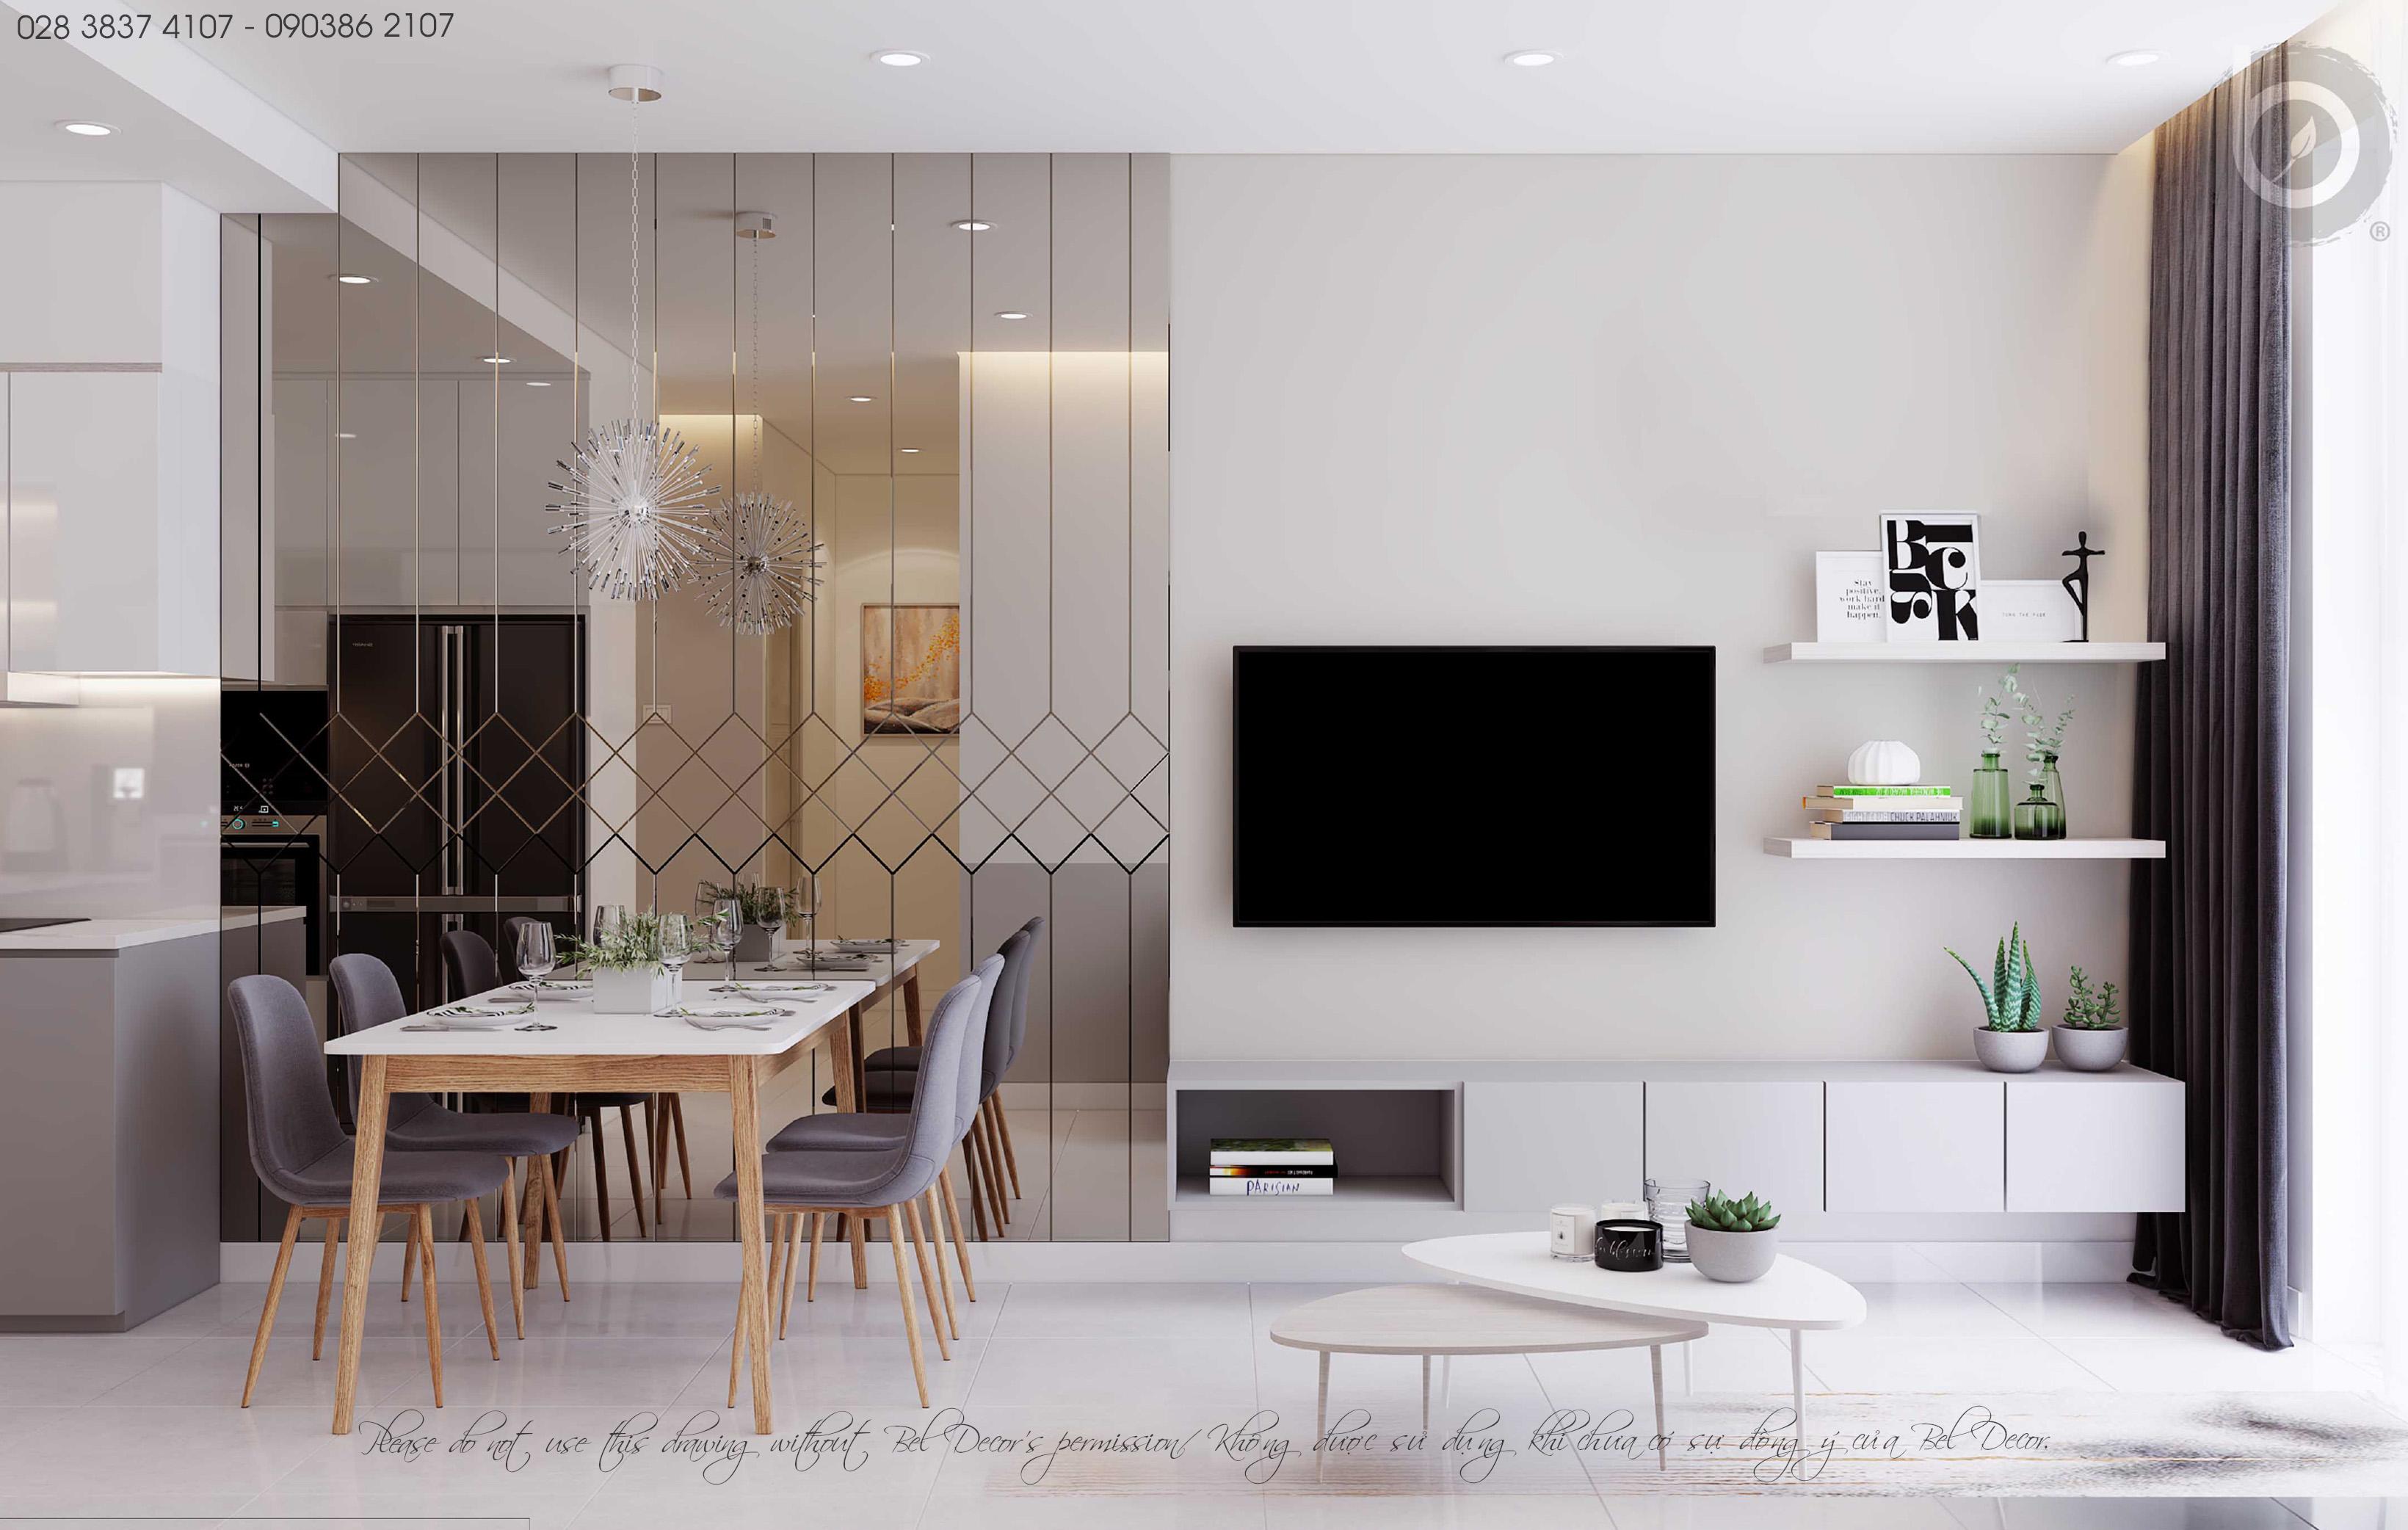 thiết kế nội thất chung cư tại Hồ Chí Minh THIẾT KẾ NỘI THẤT CĂN HỘ (HO1893) 2 1562656157